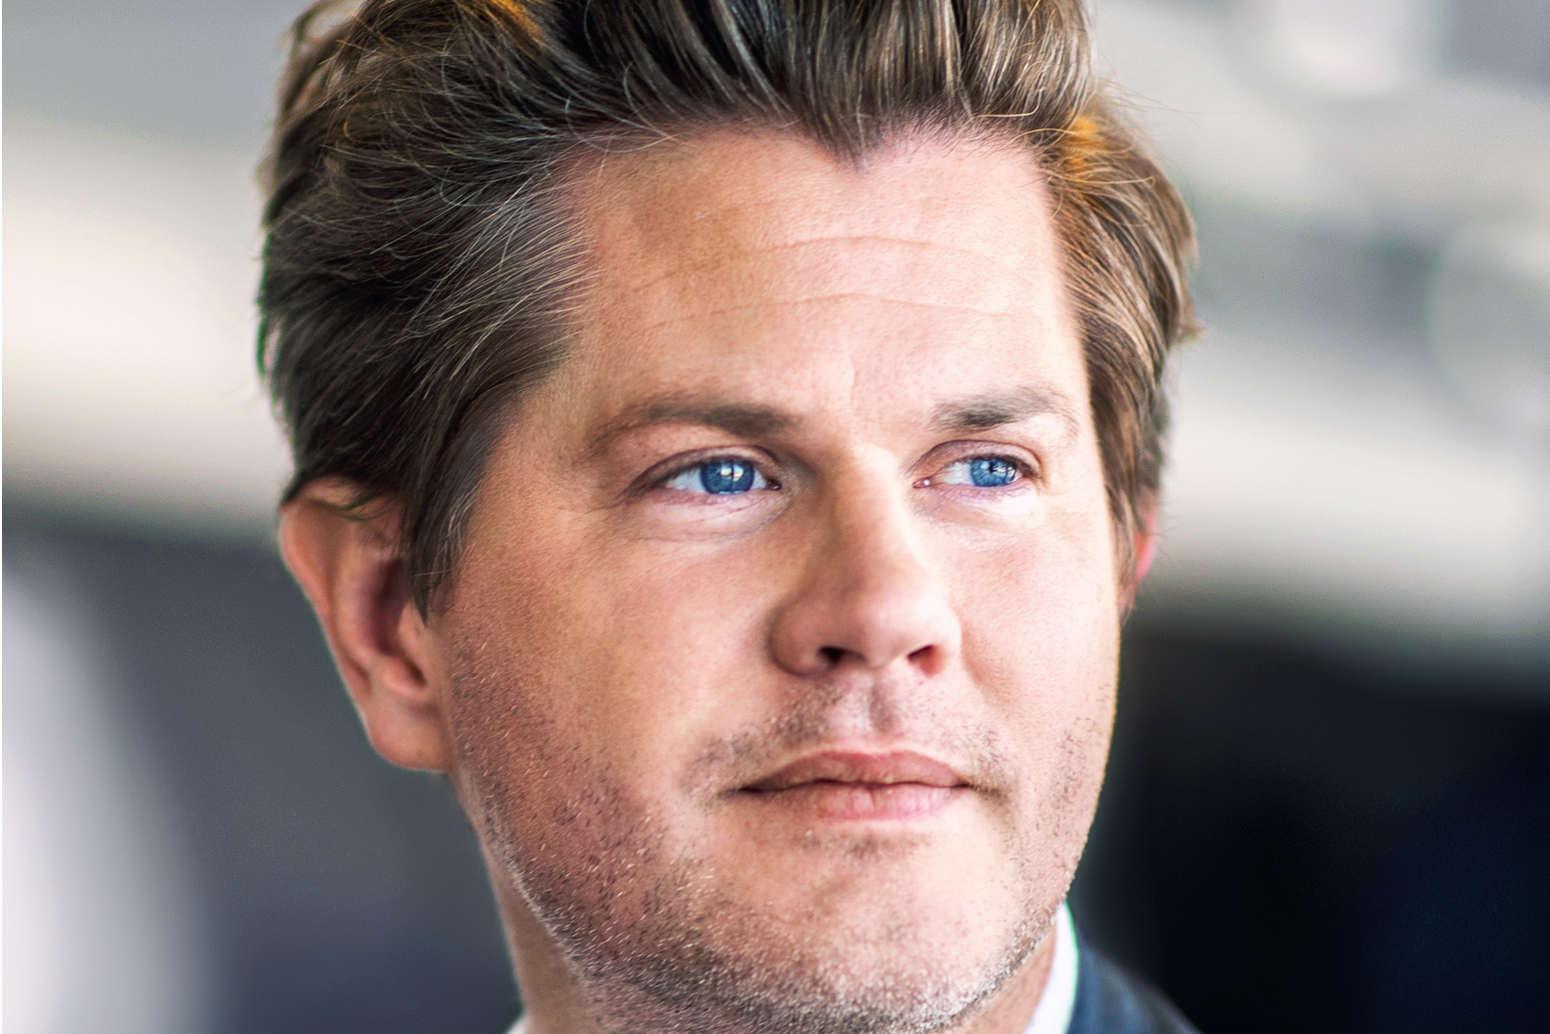 EDUARD DRESSLER: Christian Fenske ist neuer Head of Design